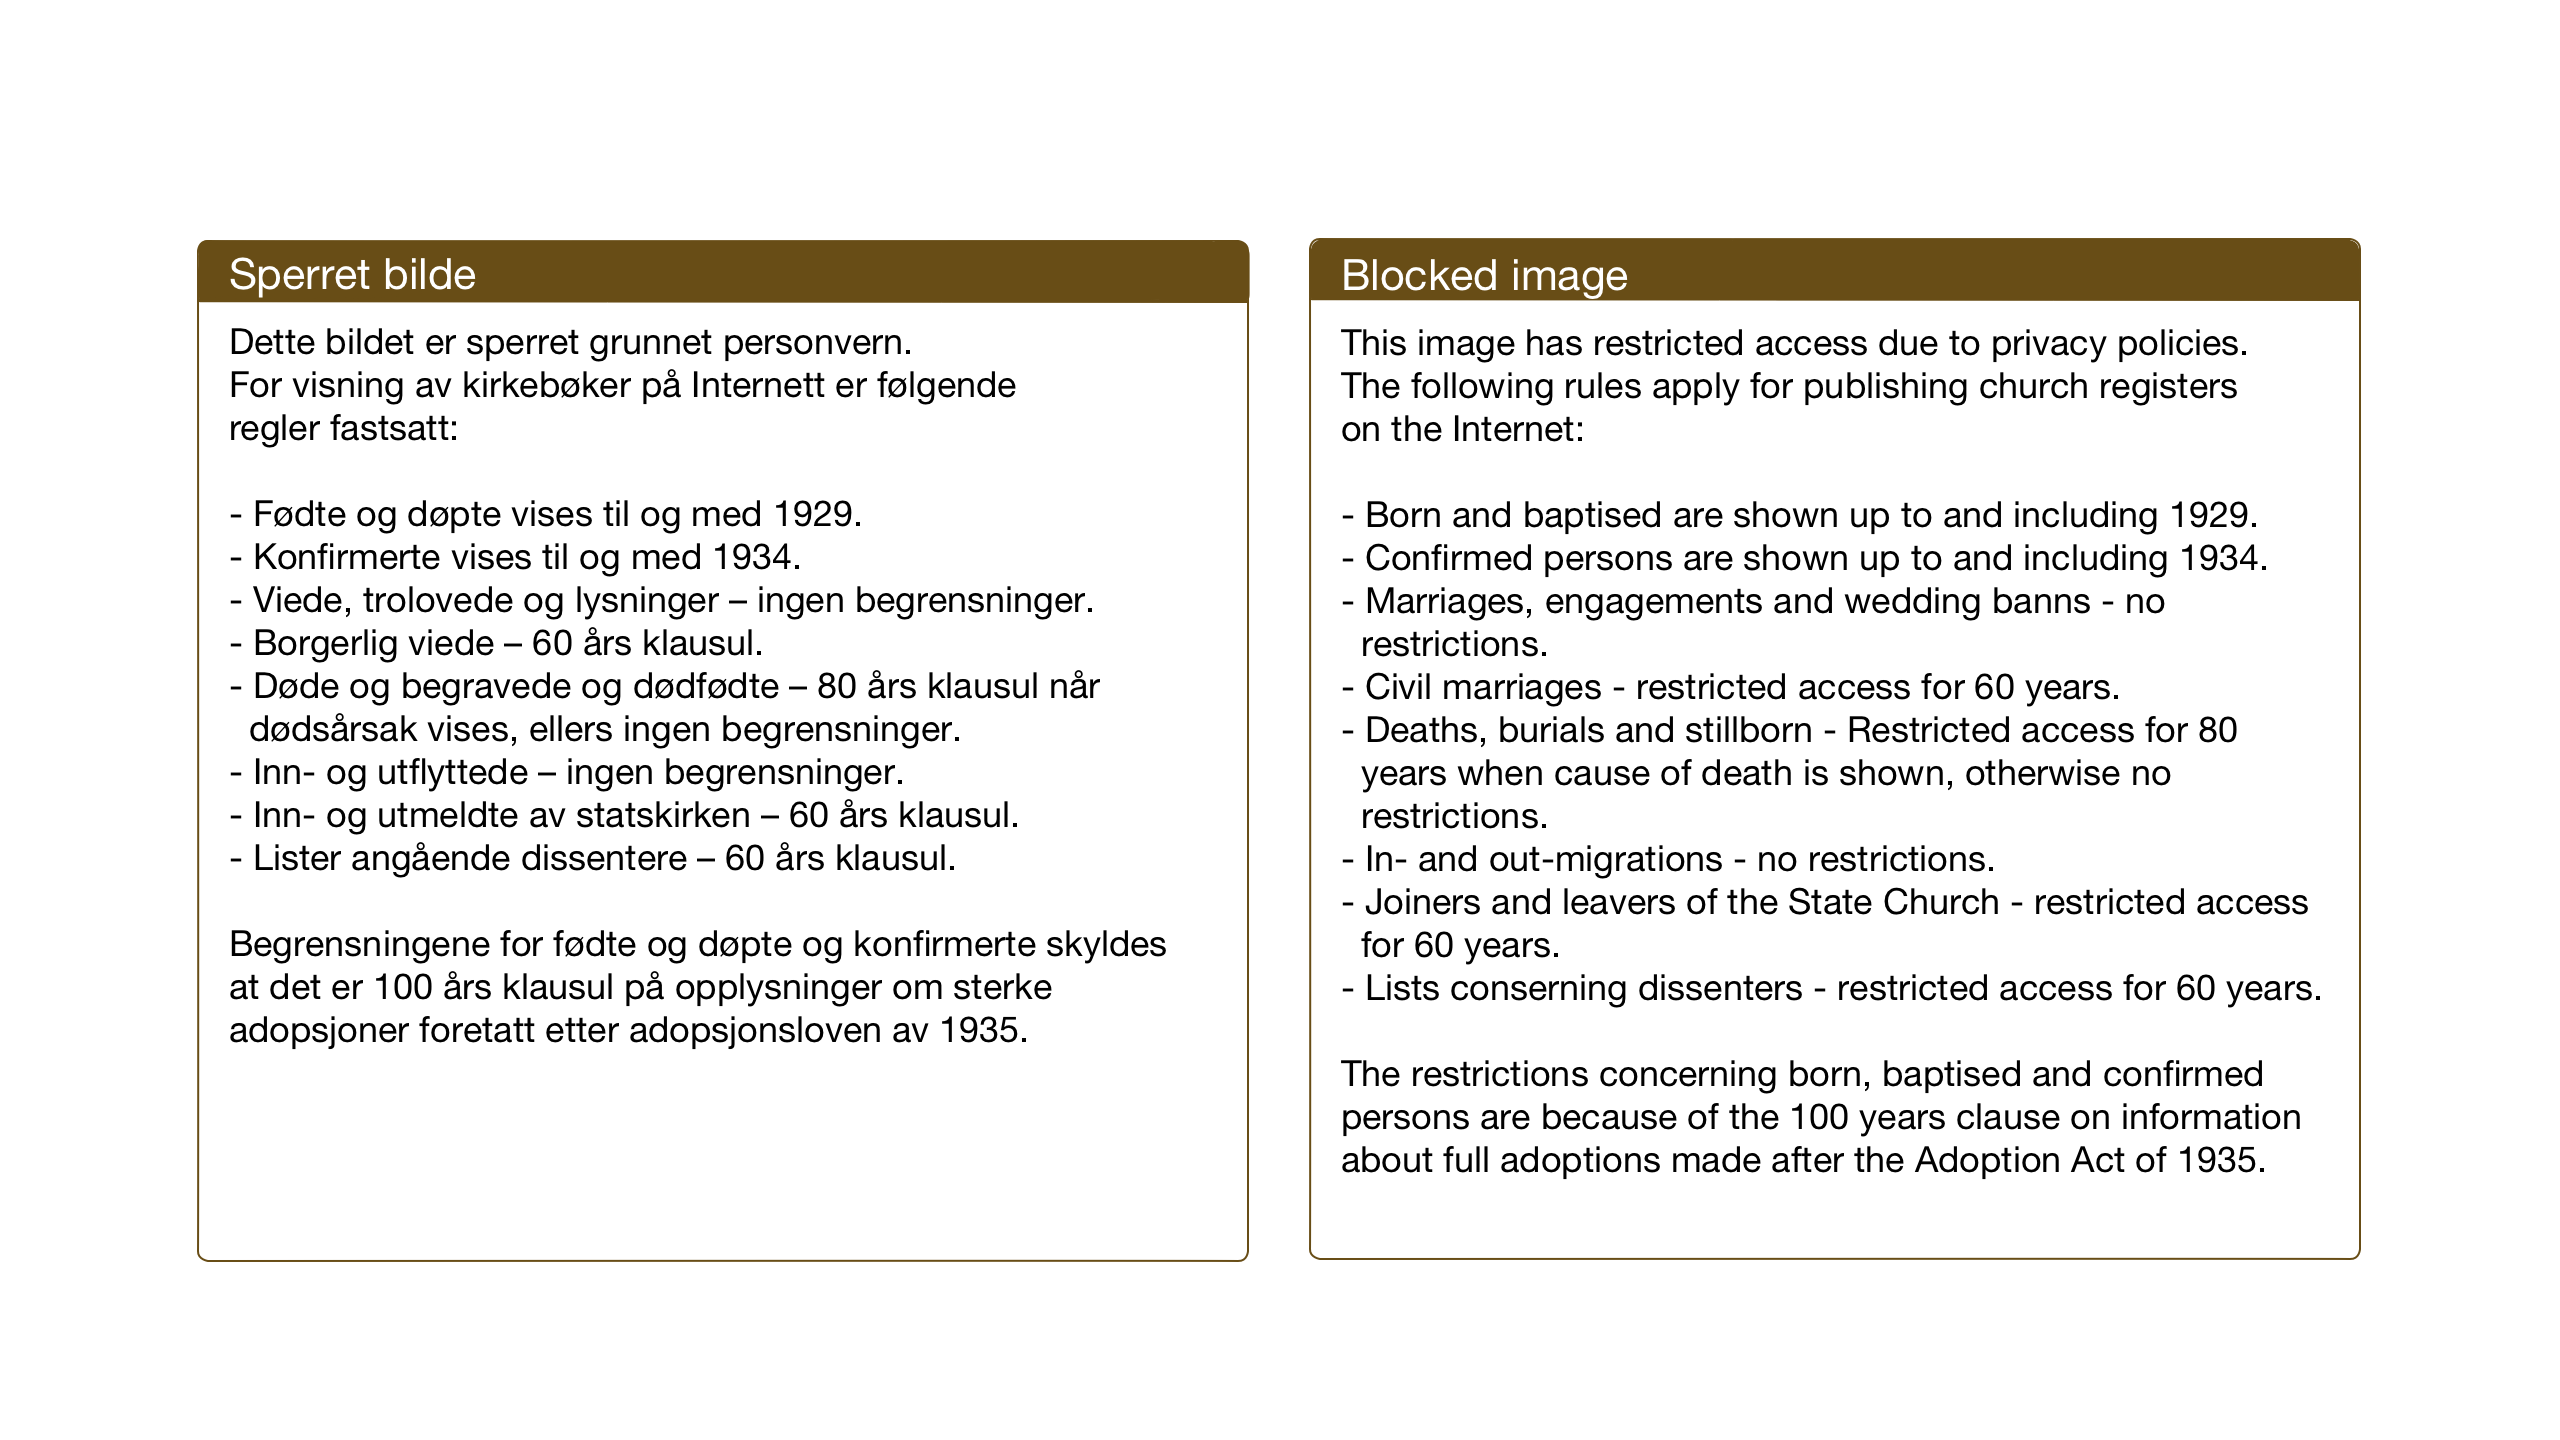 SAT, Ministerialprotokoller, klokkerbøker og fødselsregistre - Nord-Trøndelag, 730/L0304: Klokkerbok nr. 730C07, 1934-1945, s. 27